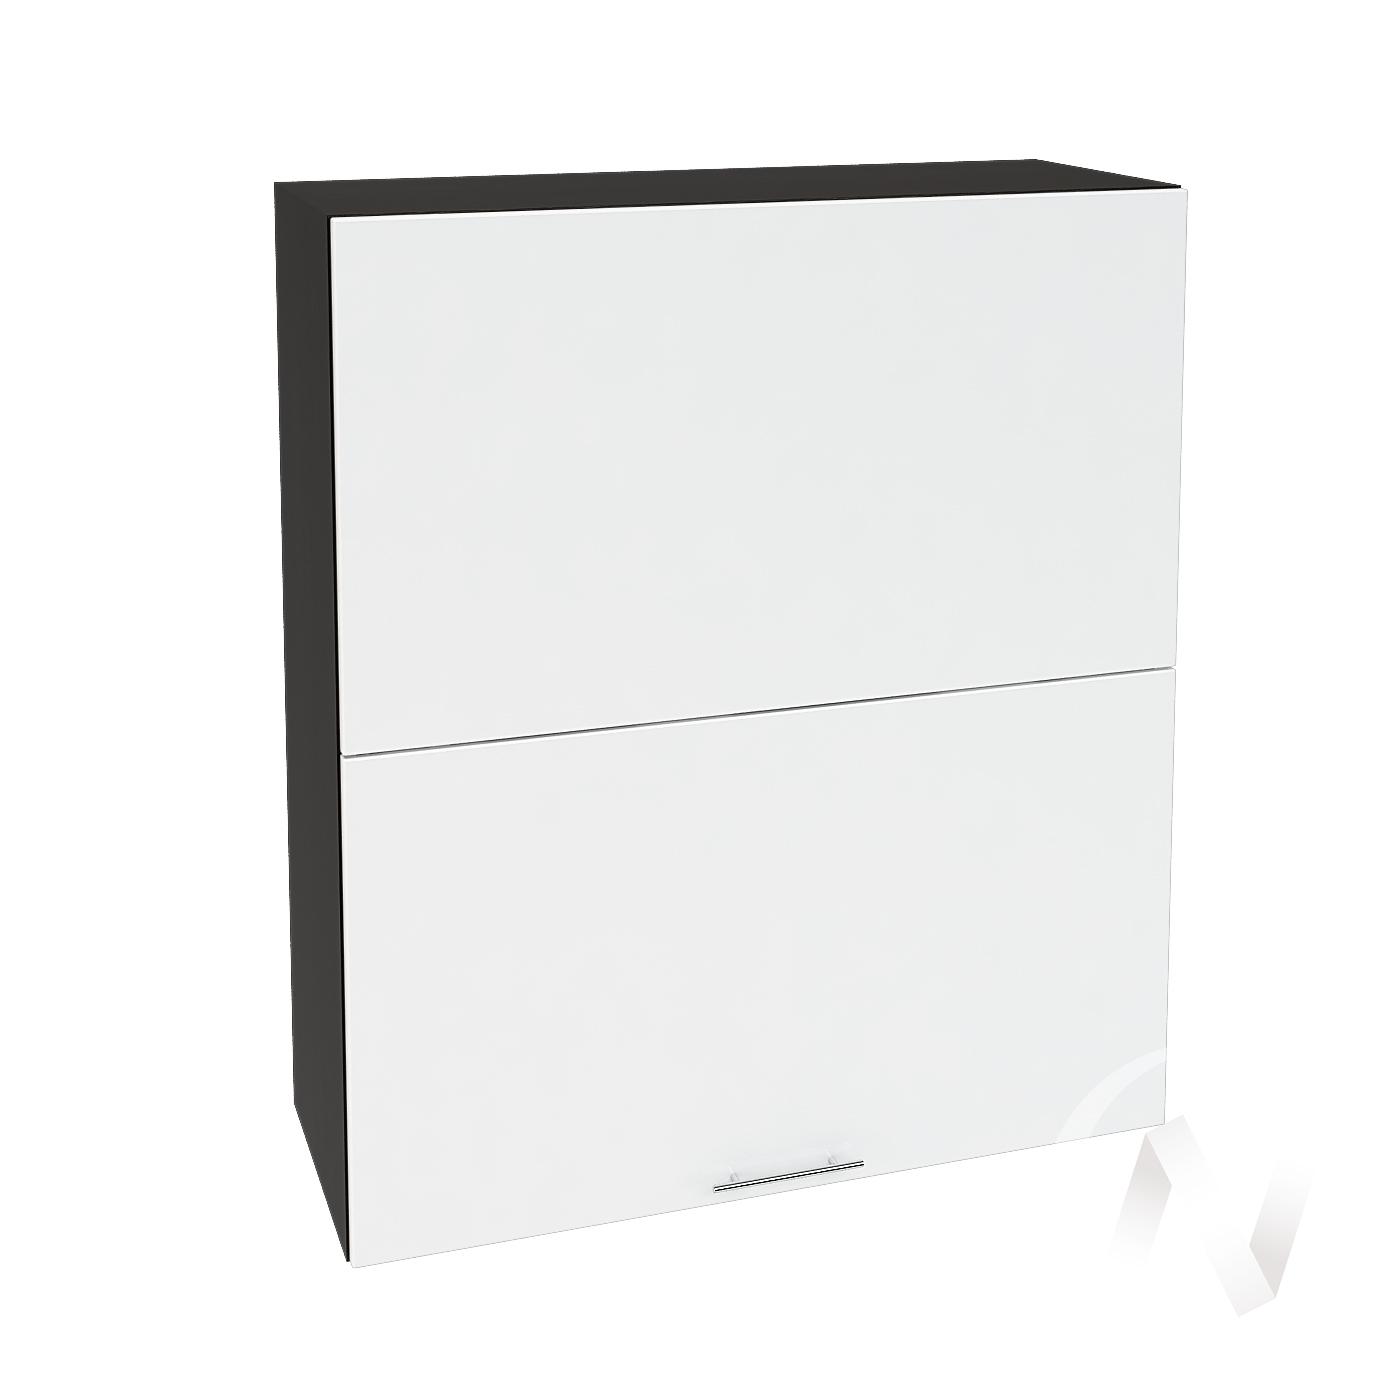 """Кухня """"Валерия-М"""": Шкаф верхний горизонтальный 802, ШВГ 802 (белый глянец/корпус венге)"""